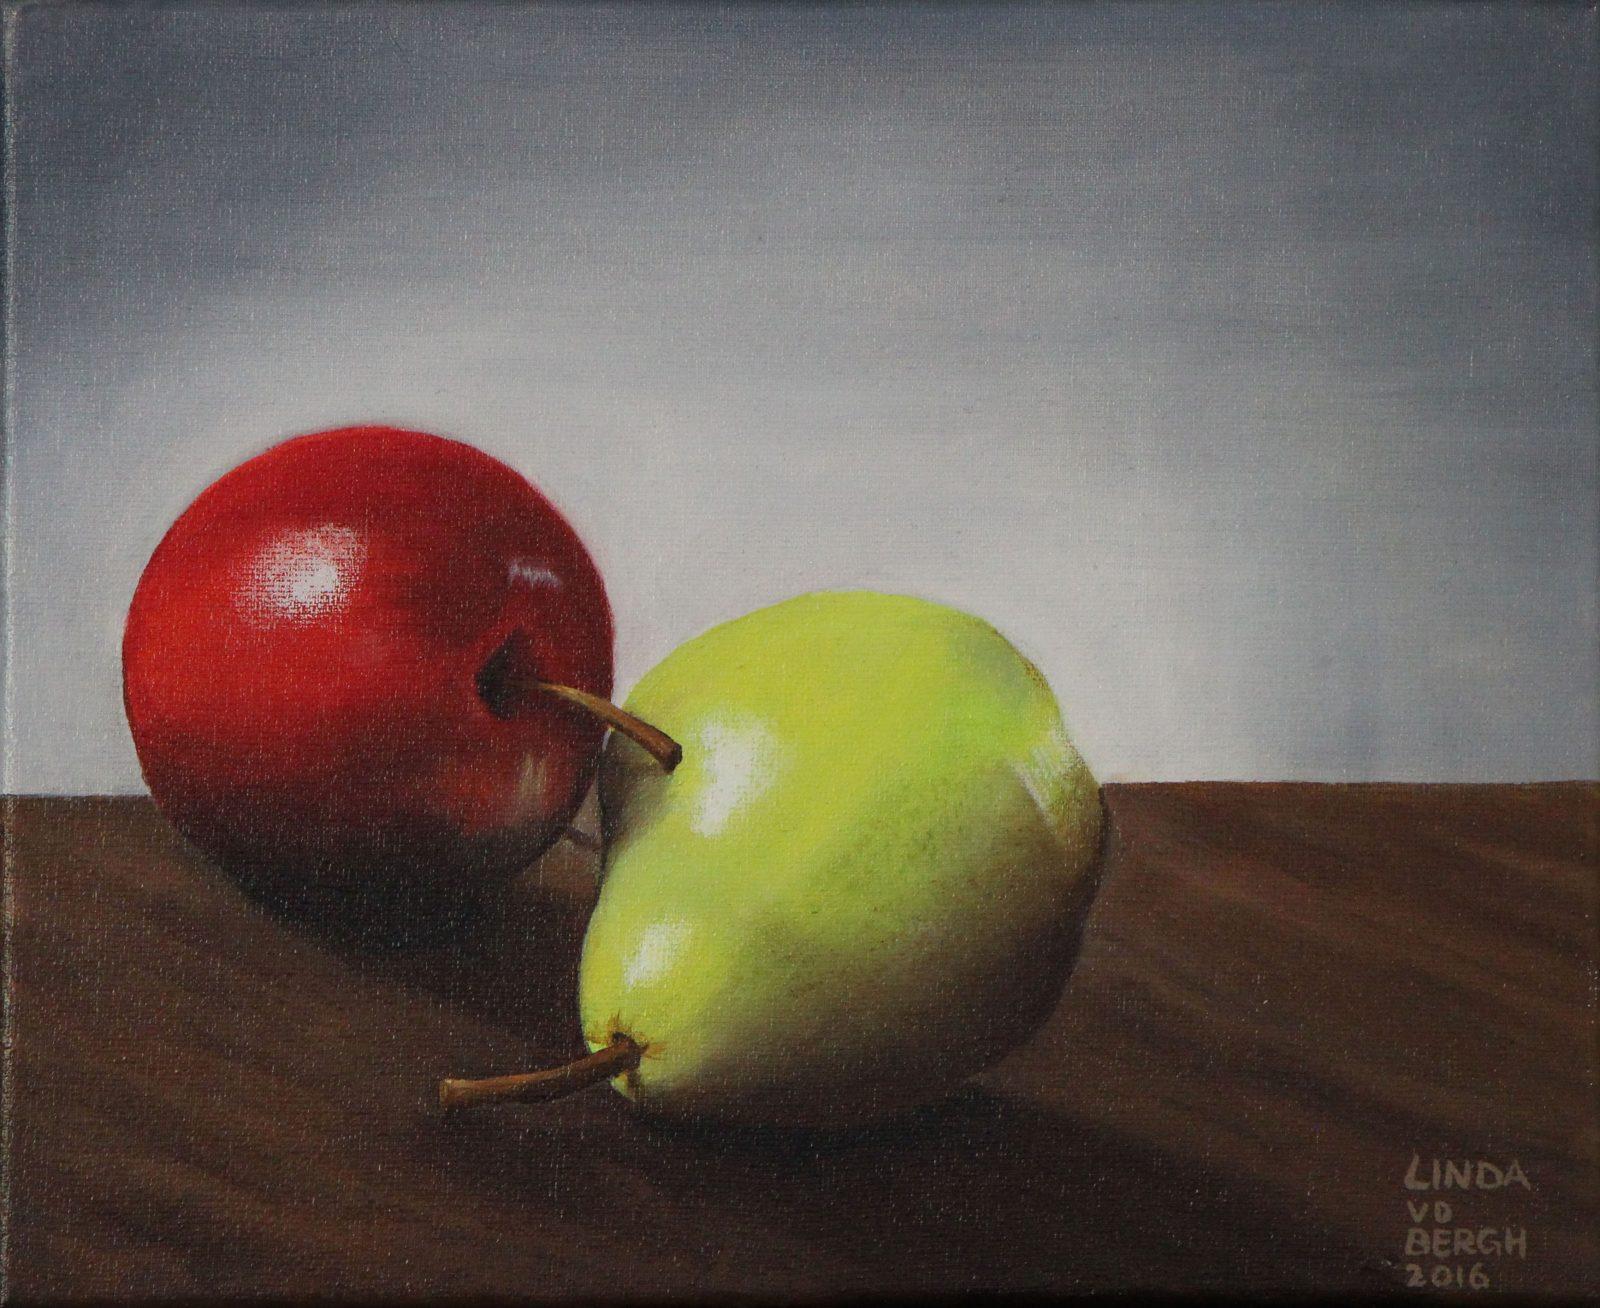 schilderij van een appel en peer door linda vd bergh